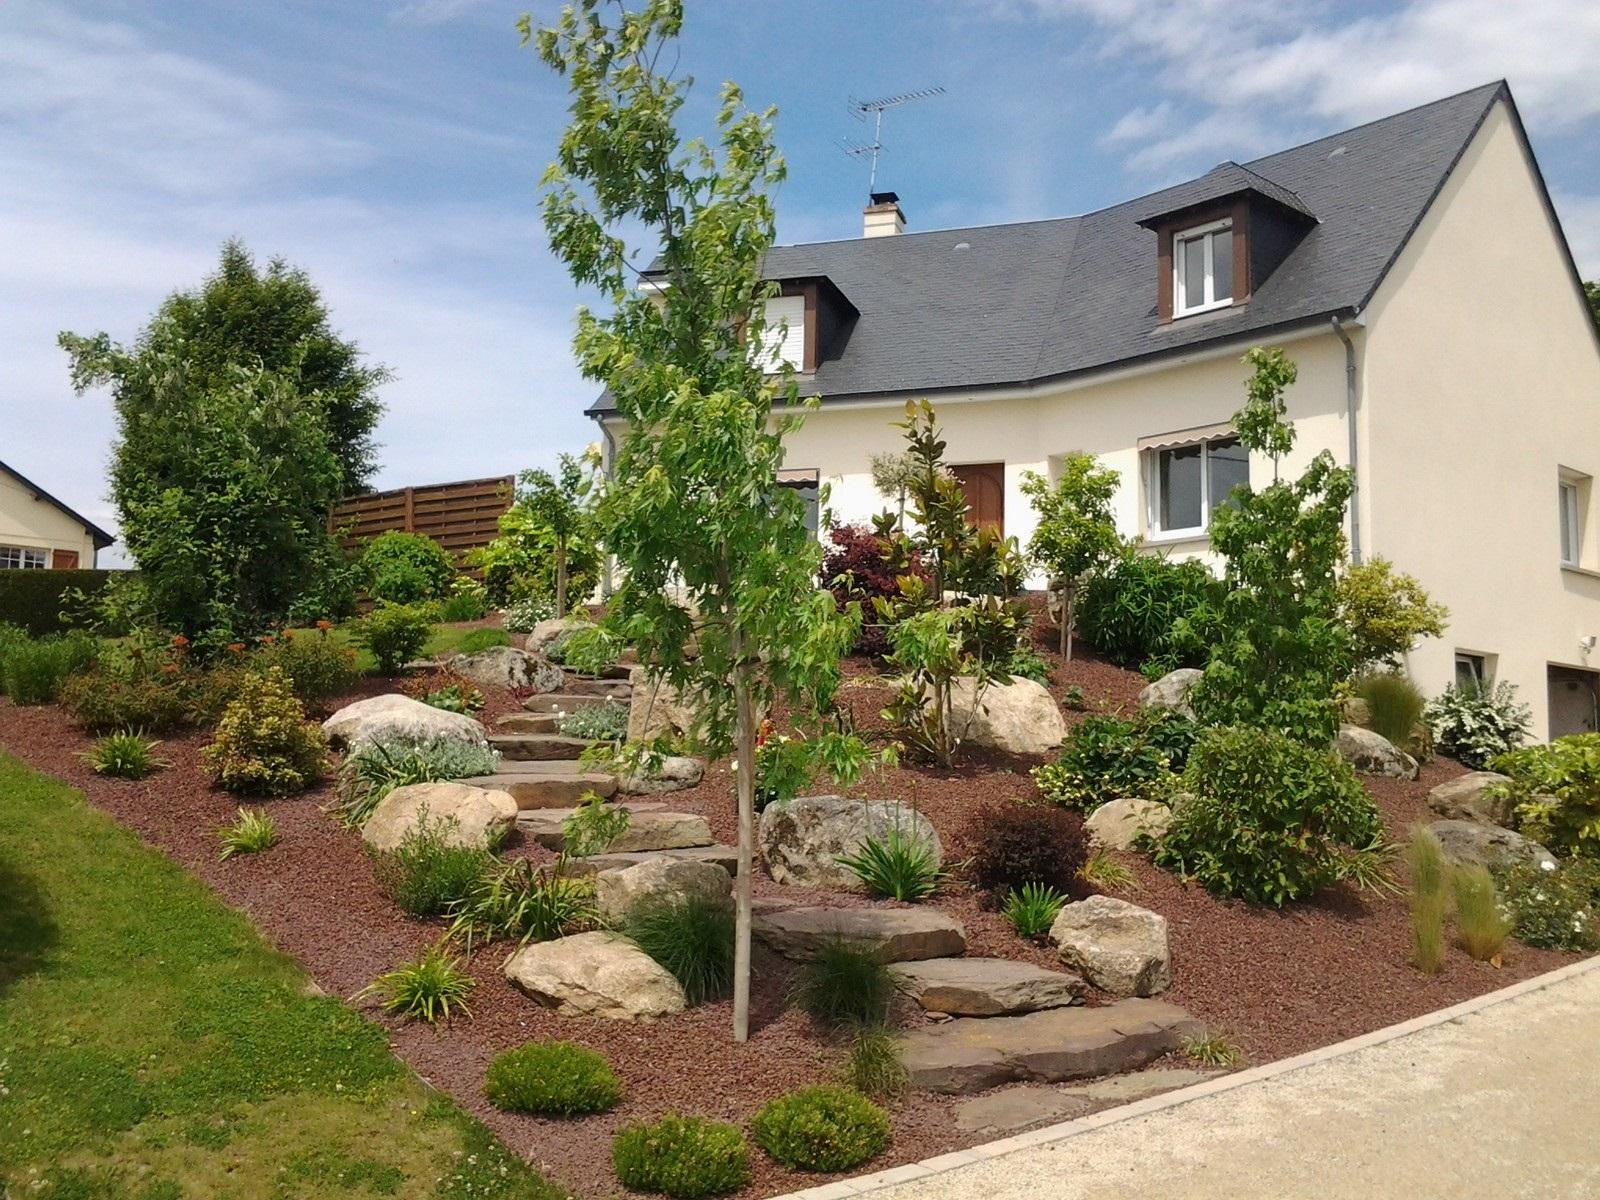 Limaces comment lutter dans son jardin - Comment decorer son jardin pas cher ...